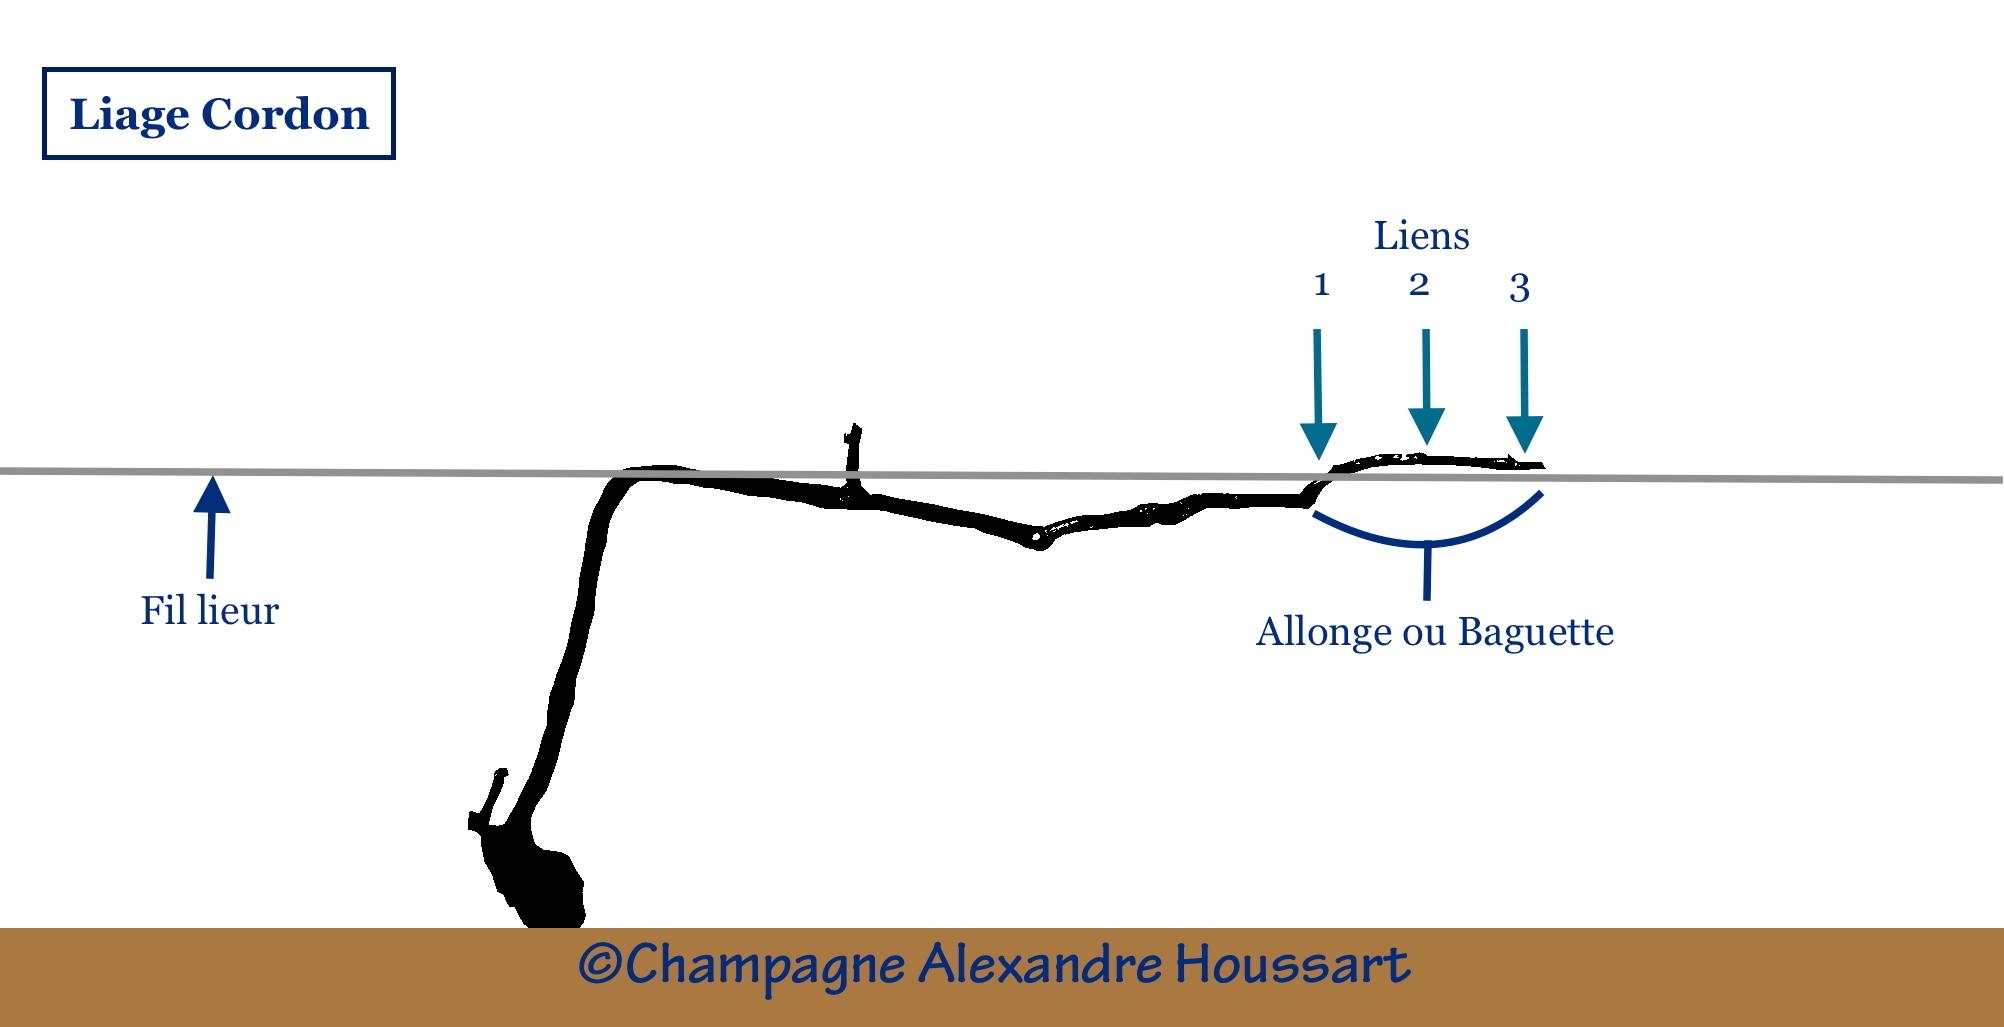 schéma du liage suivant la taille cordon Champagne Alexandre Houssart